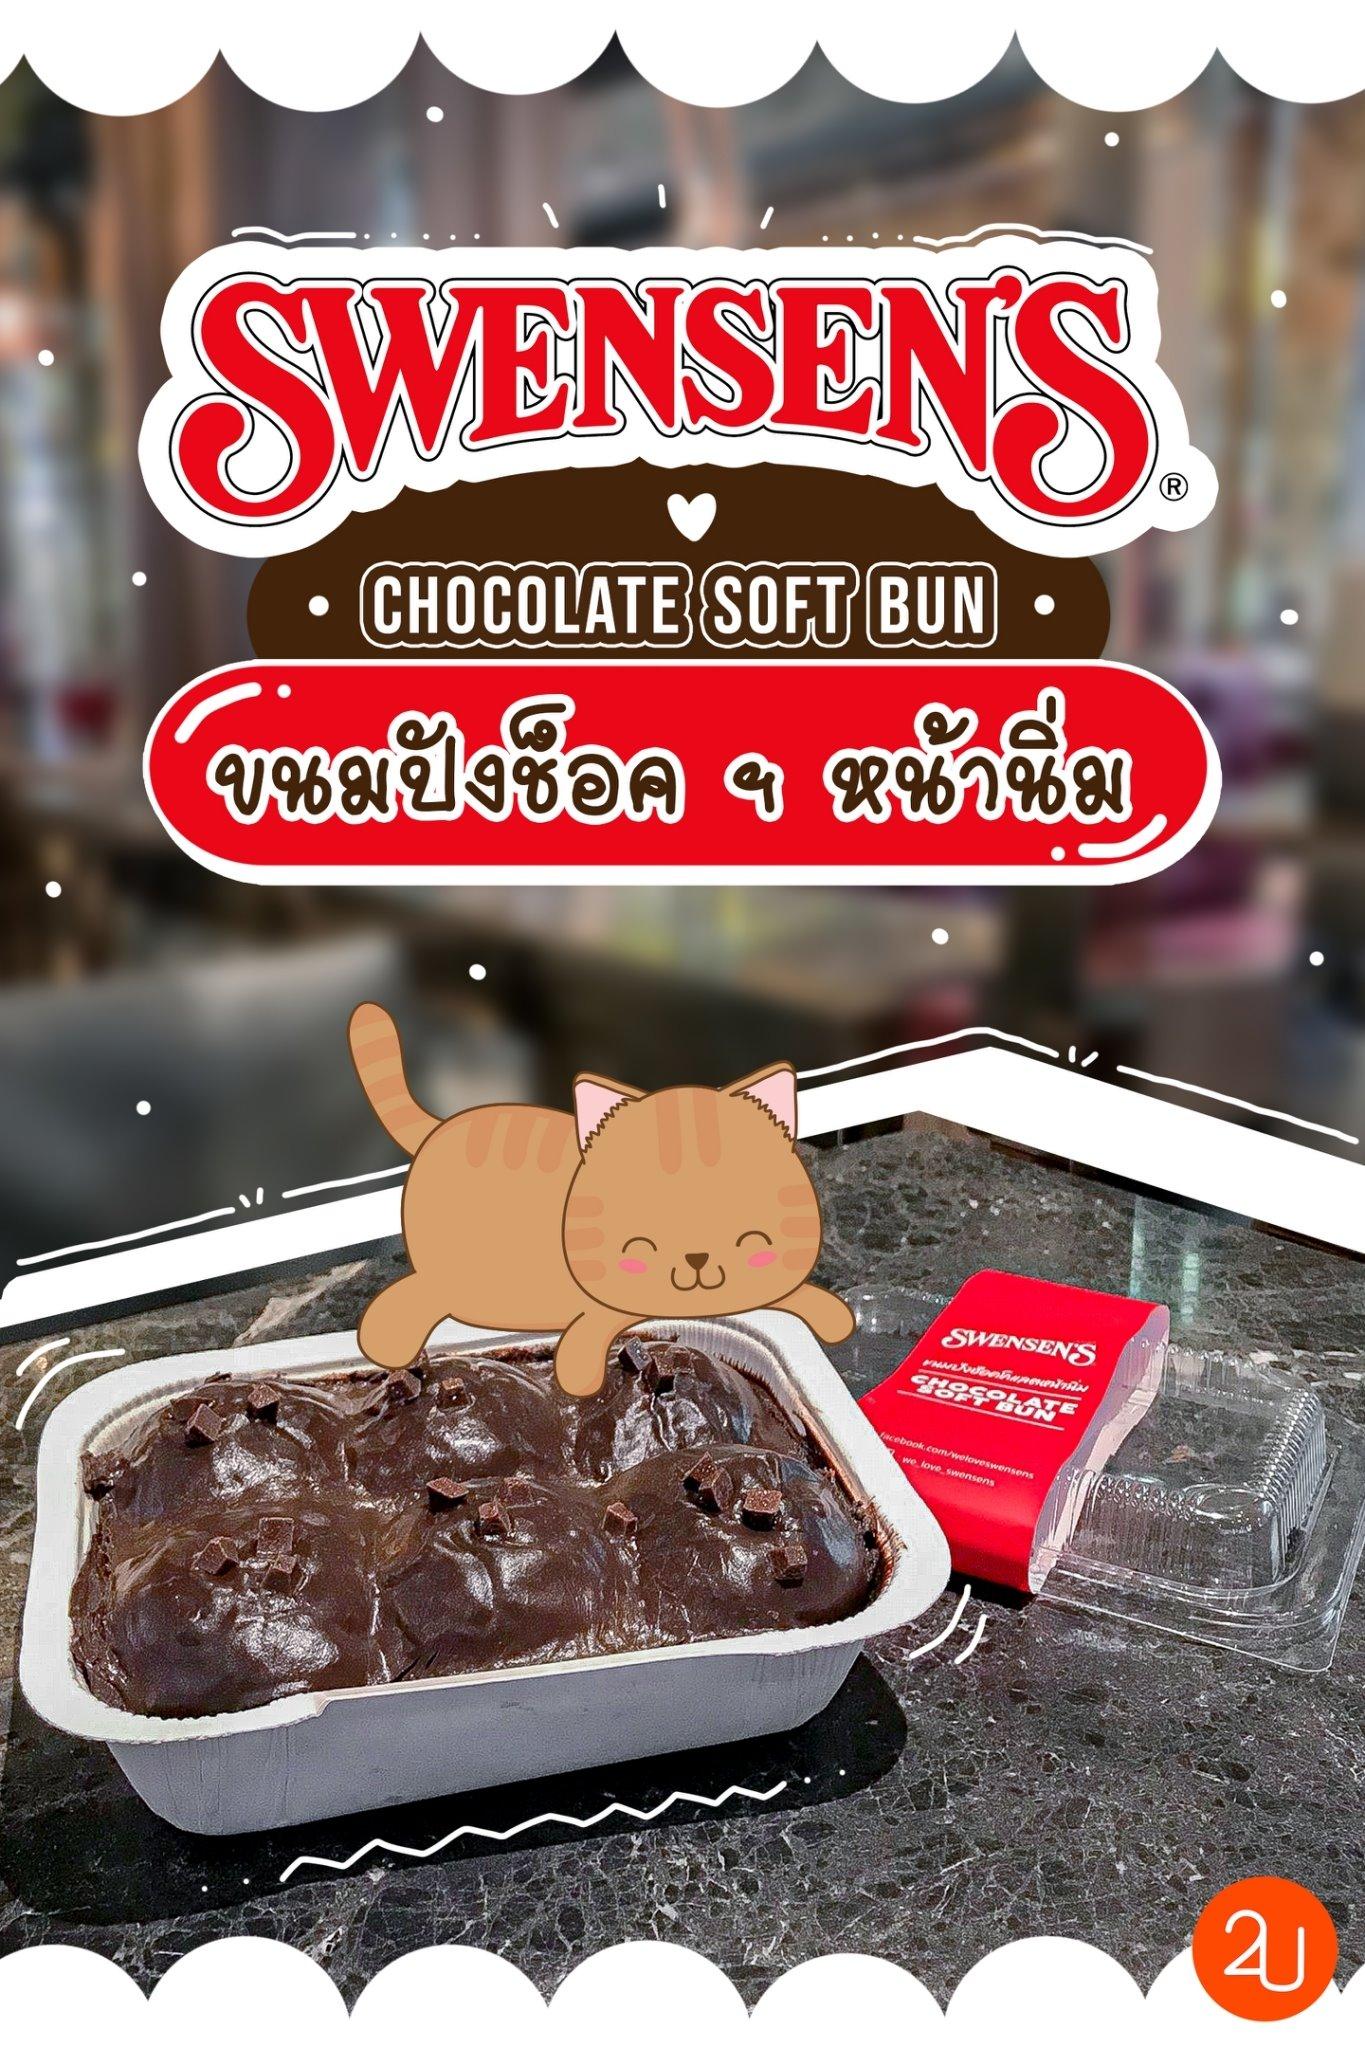 Chocolate Soft Bun By Swensen's